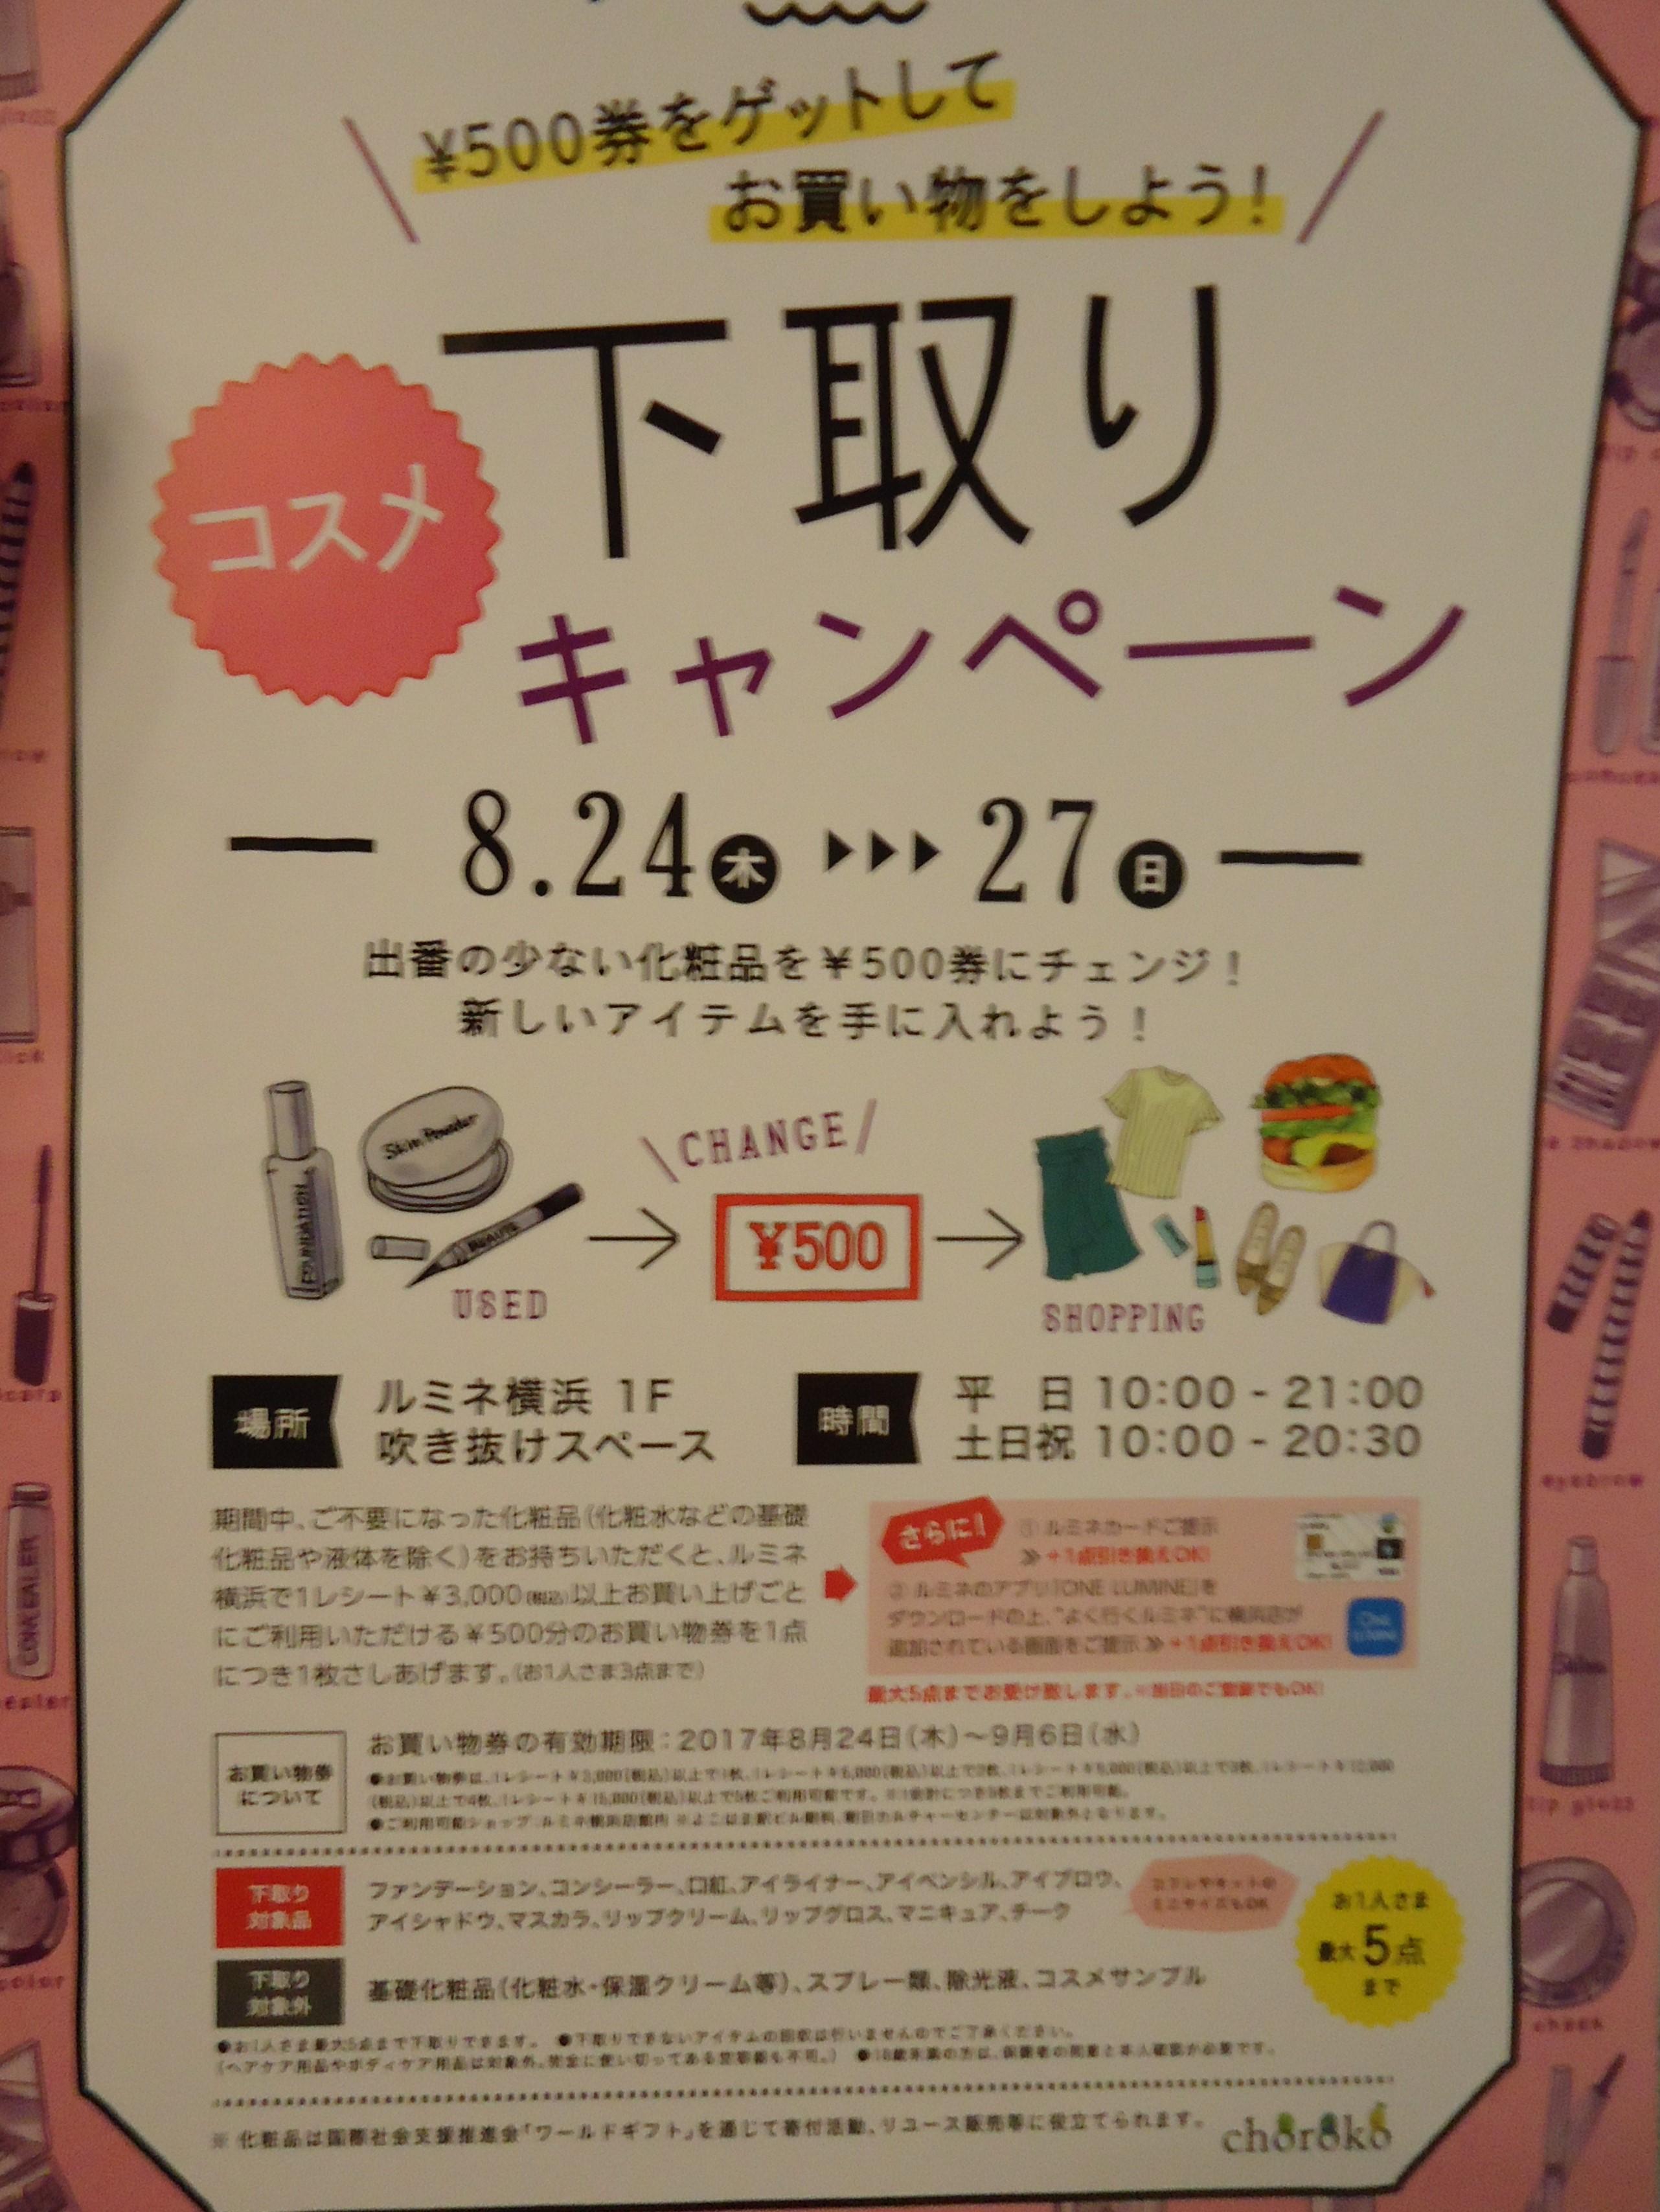 【期間限定】ルミネの500円お買い物券を手に入れる方法